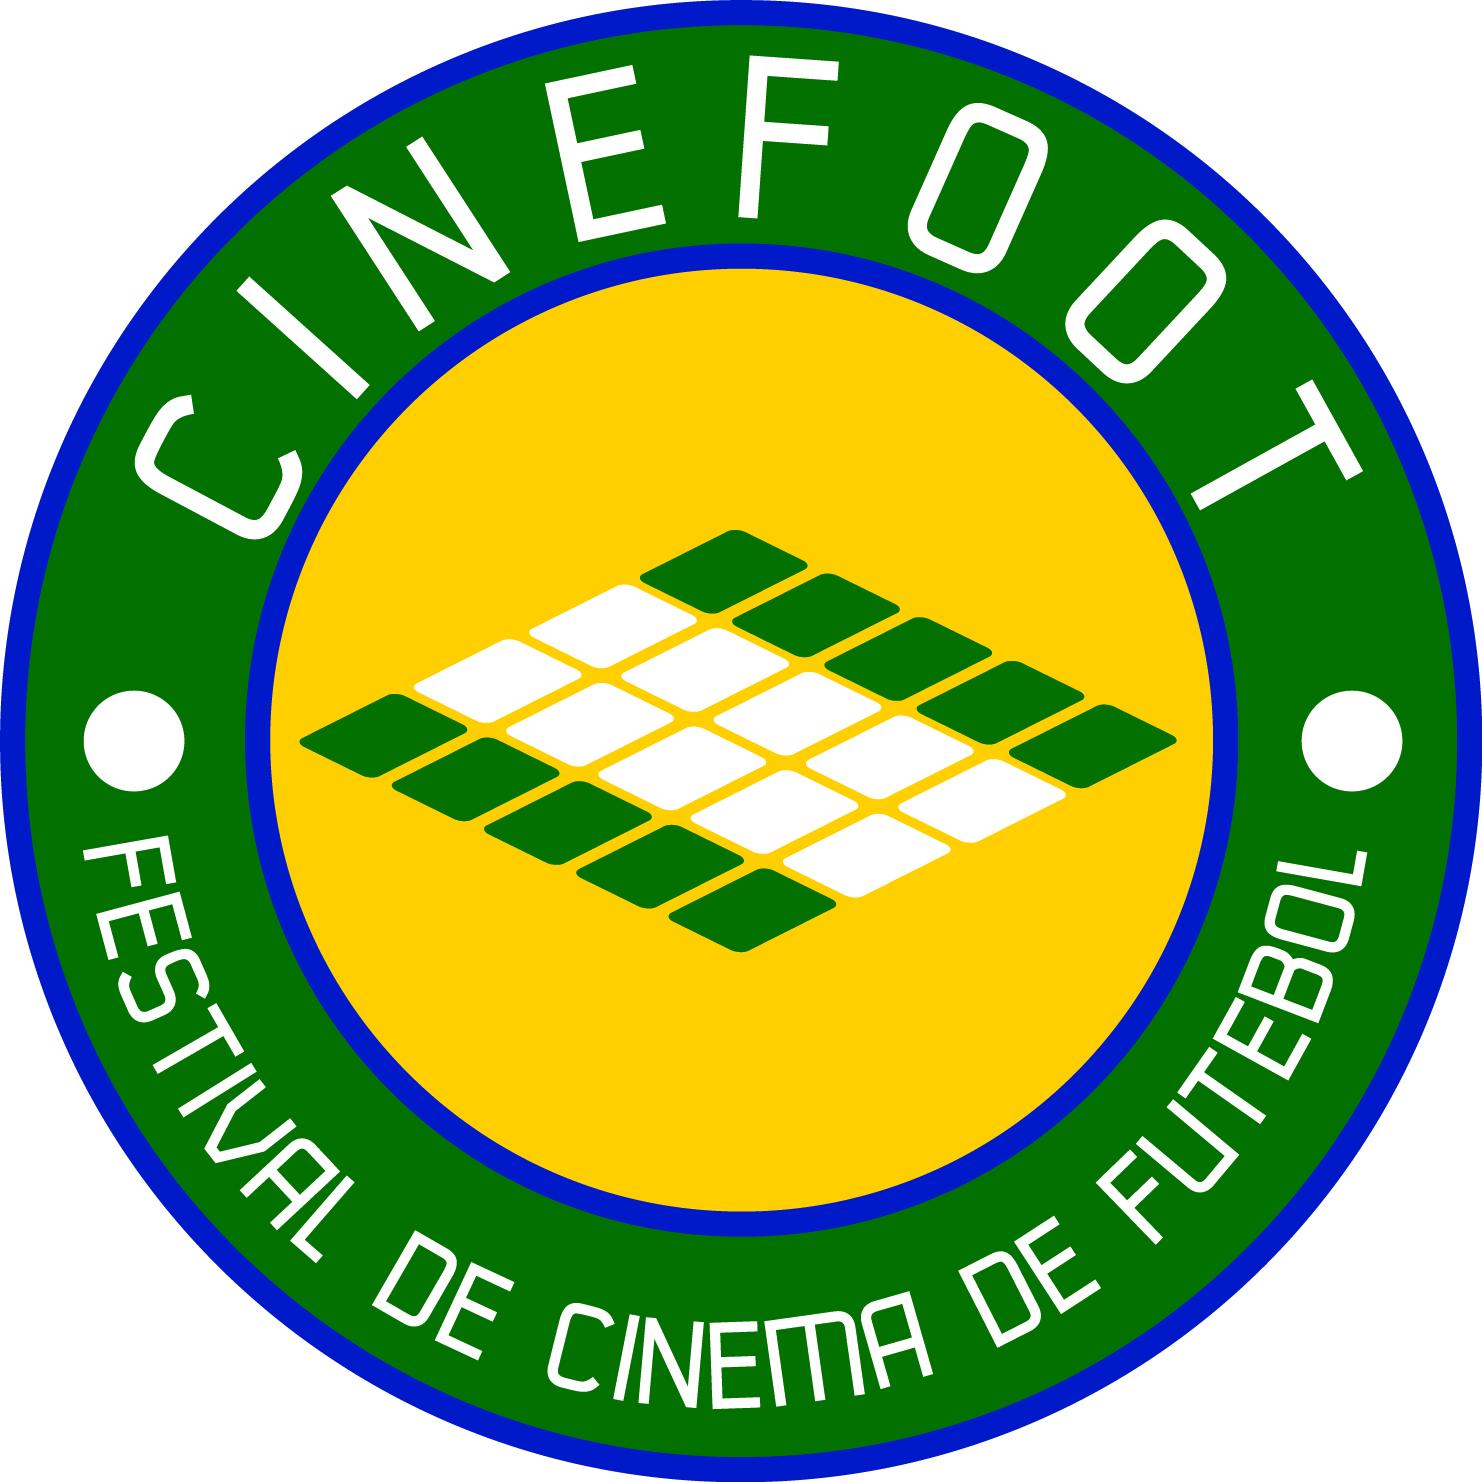 escudo cinefoot-4 (1).jpg